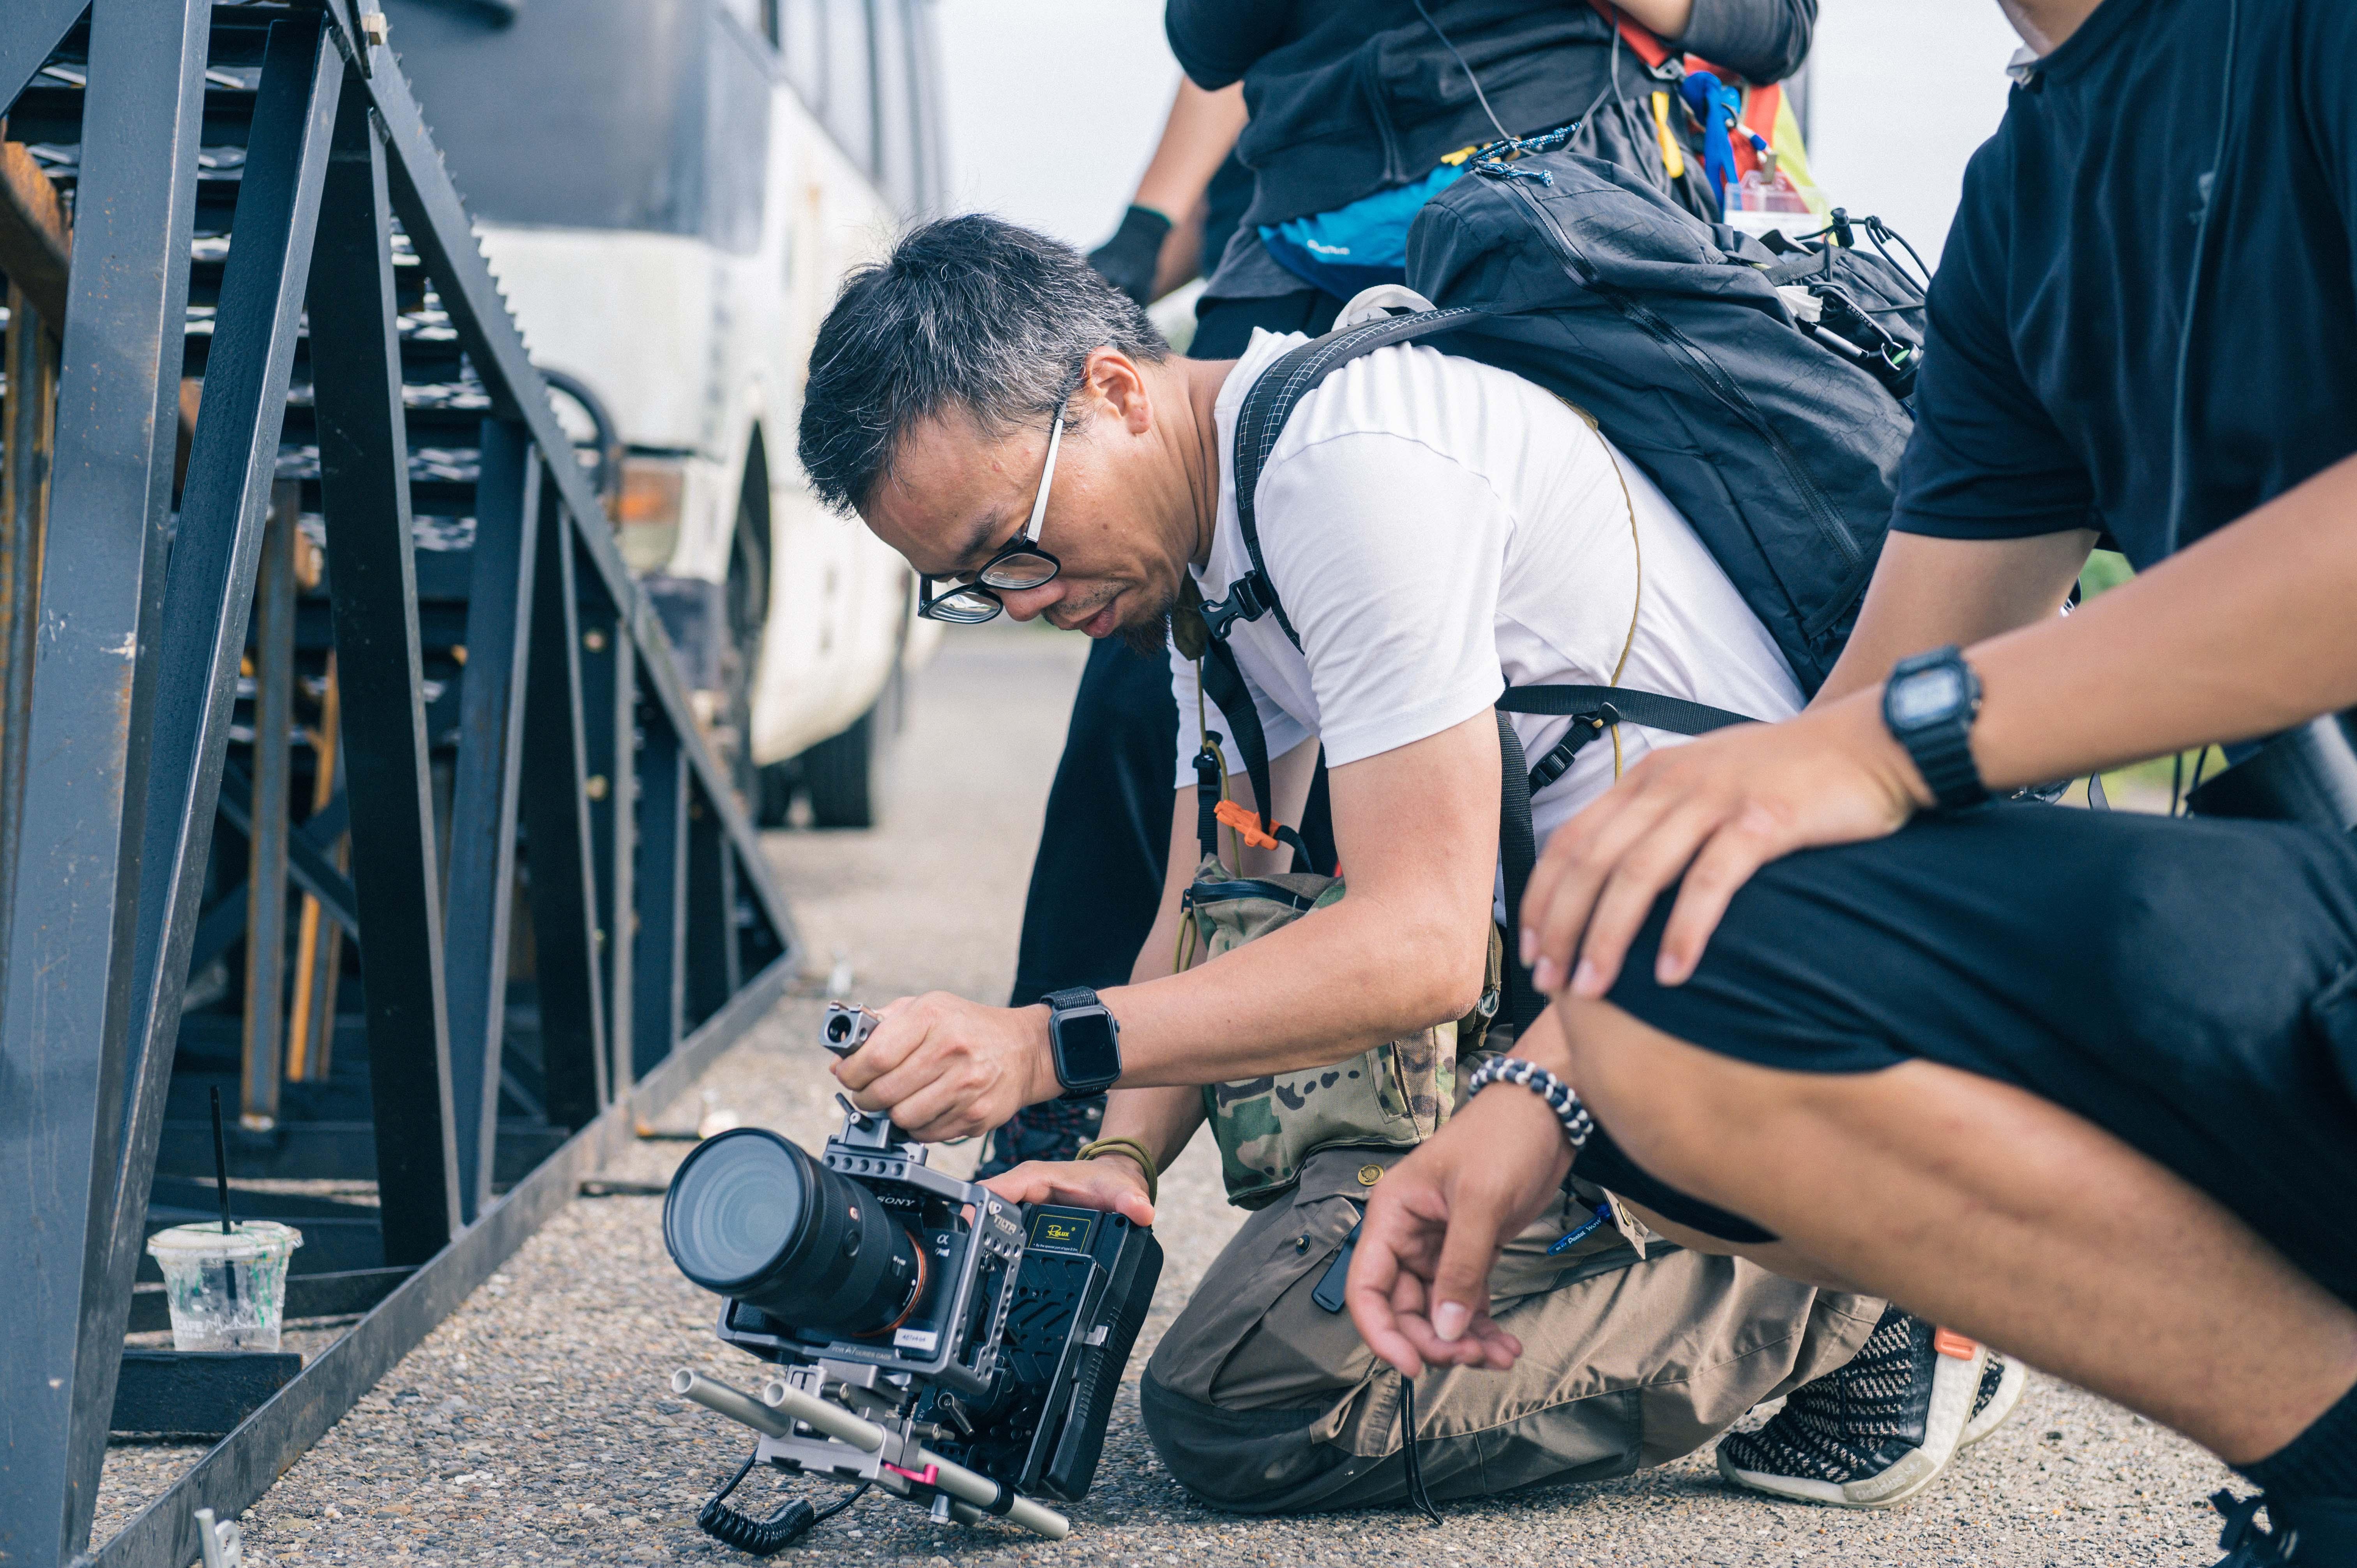 《複身犯》導演蕭力修拍攝巴士翻覆畫面